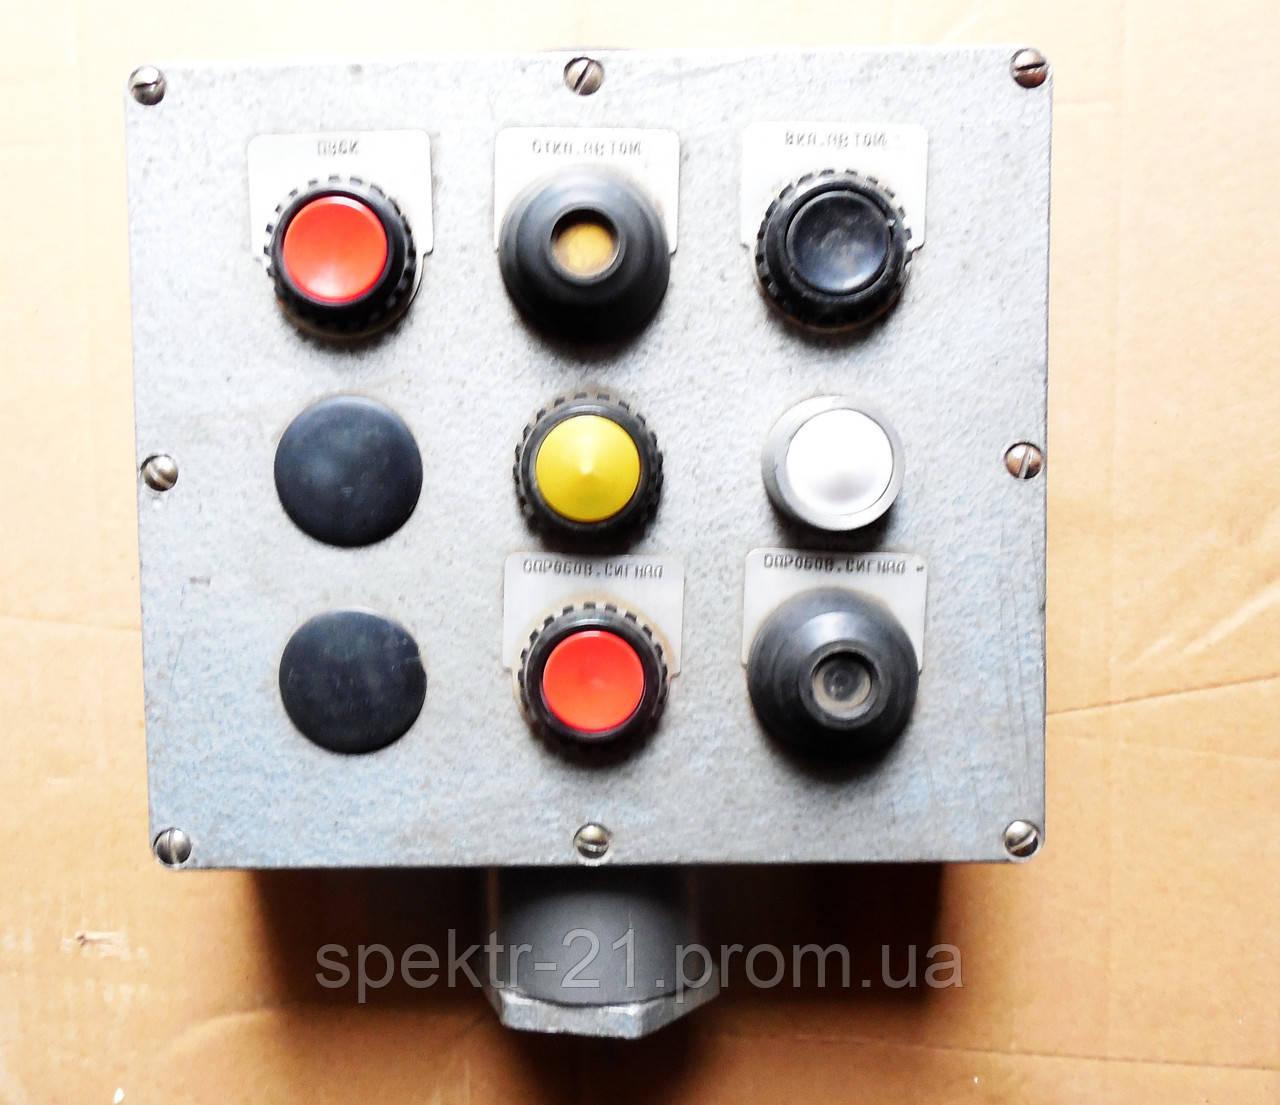 Пост кнопочный ПКУ-15-21.331-54У2 - ТОВ «СПЕКТР 21» в Киеве